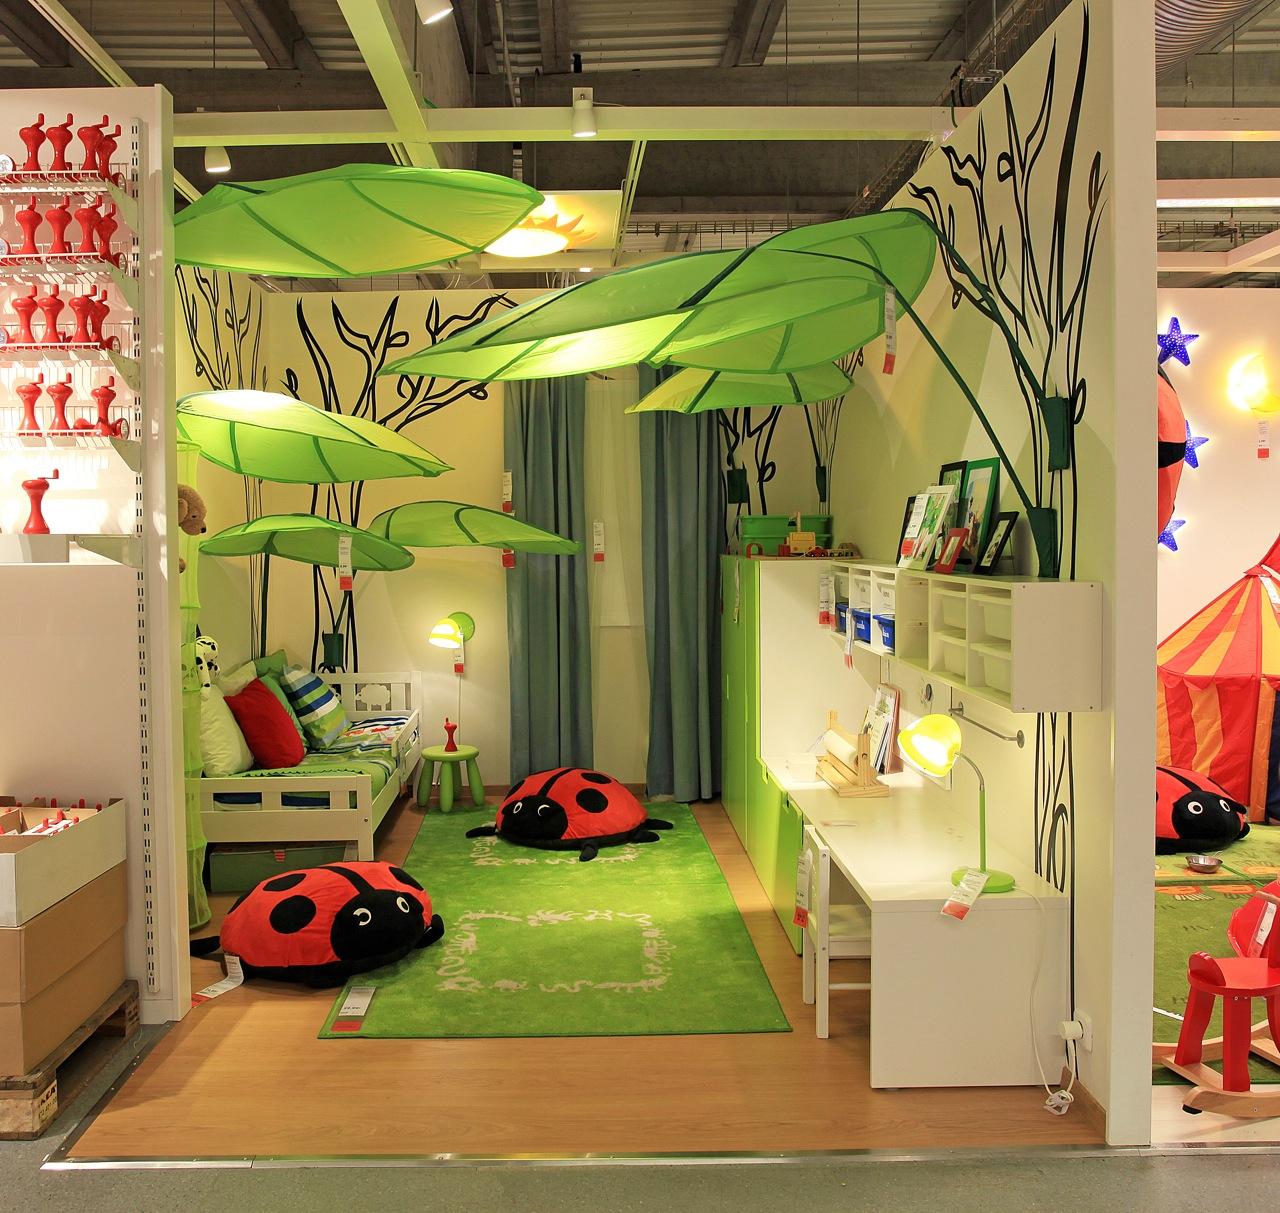 Tiendas de decoración infantil imprescindibles - MELLIMAMA